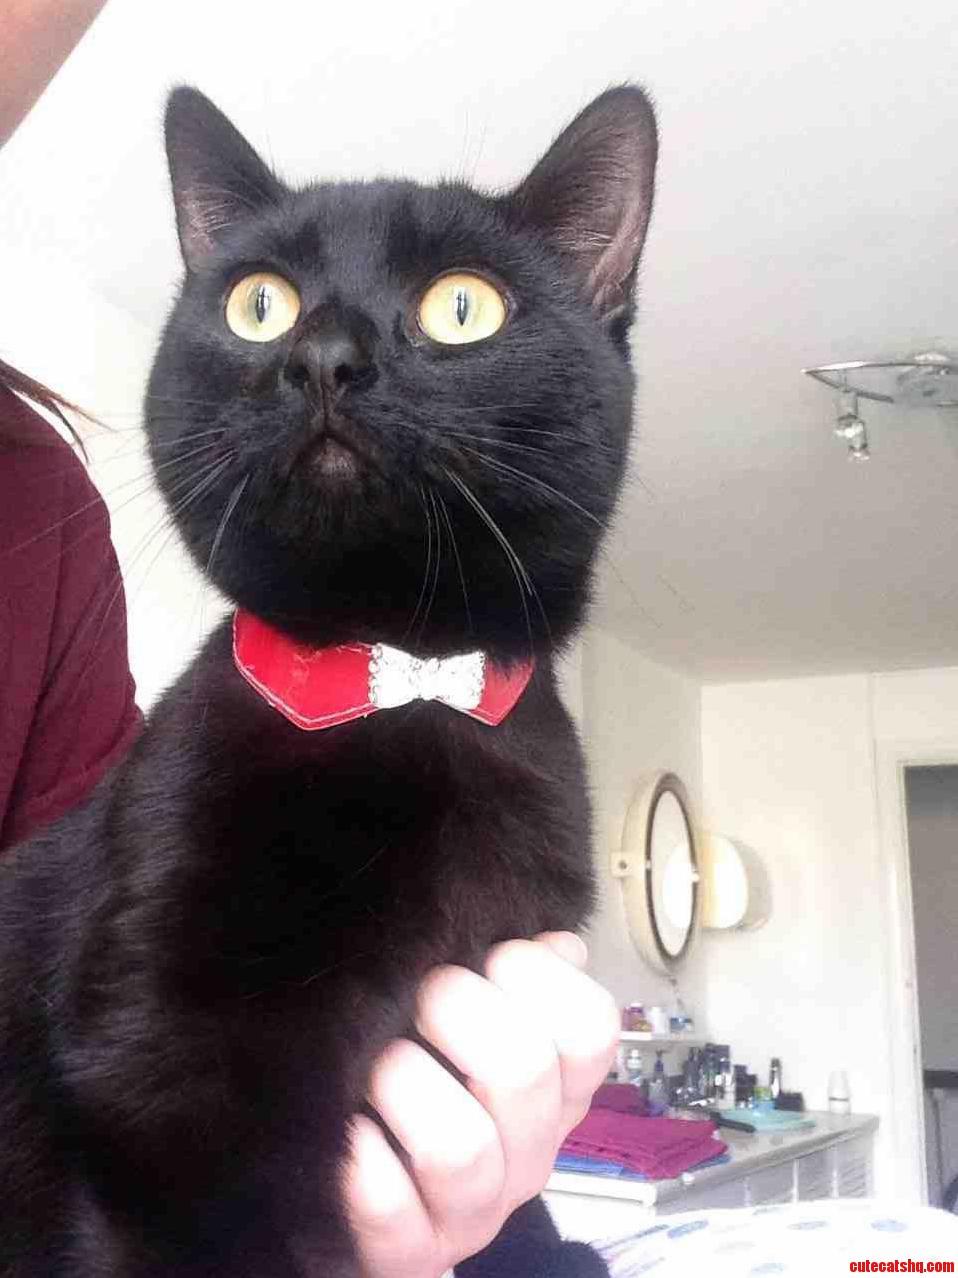 My Cat Toby Wan Kenobi